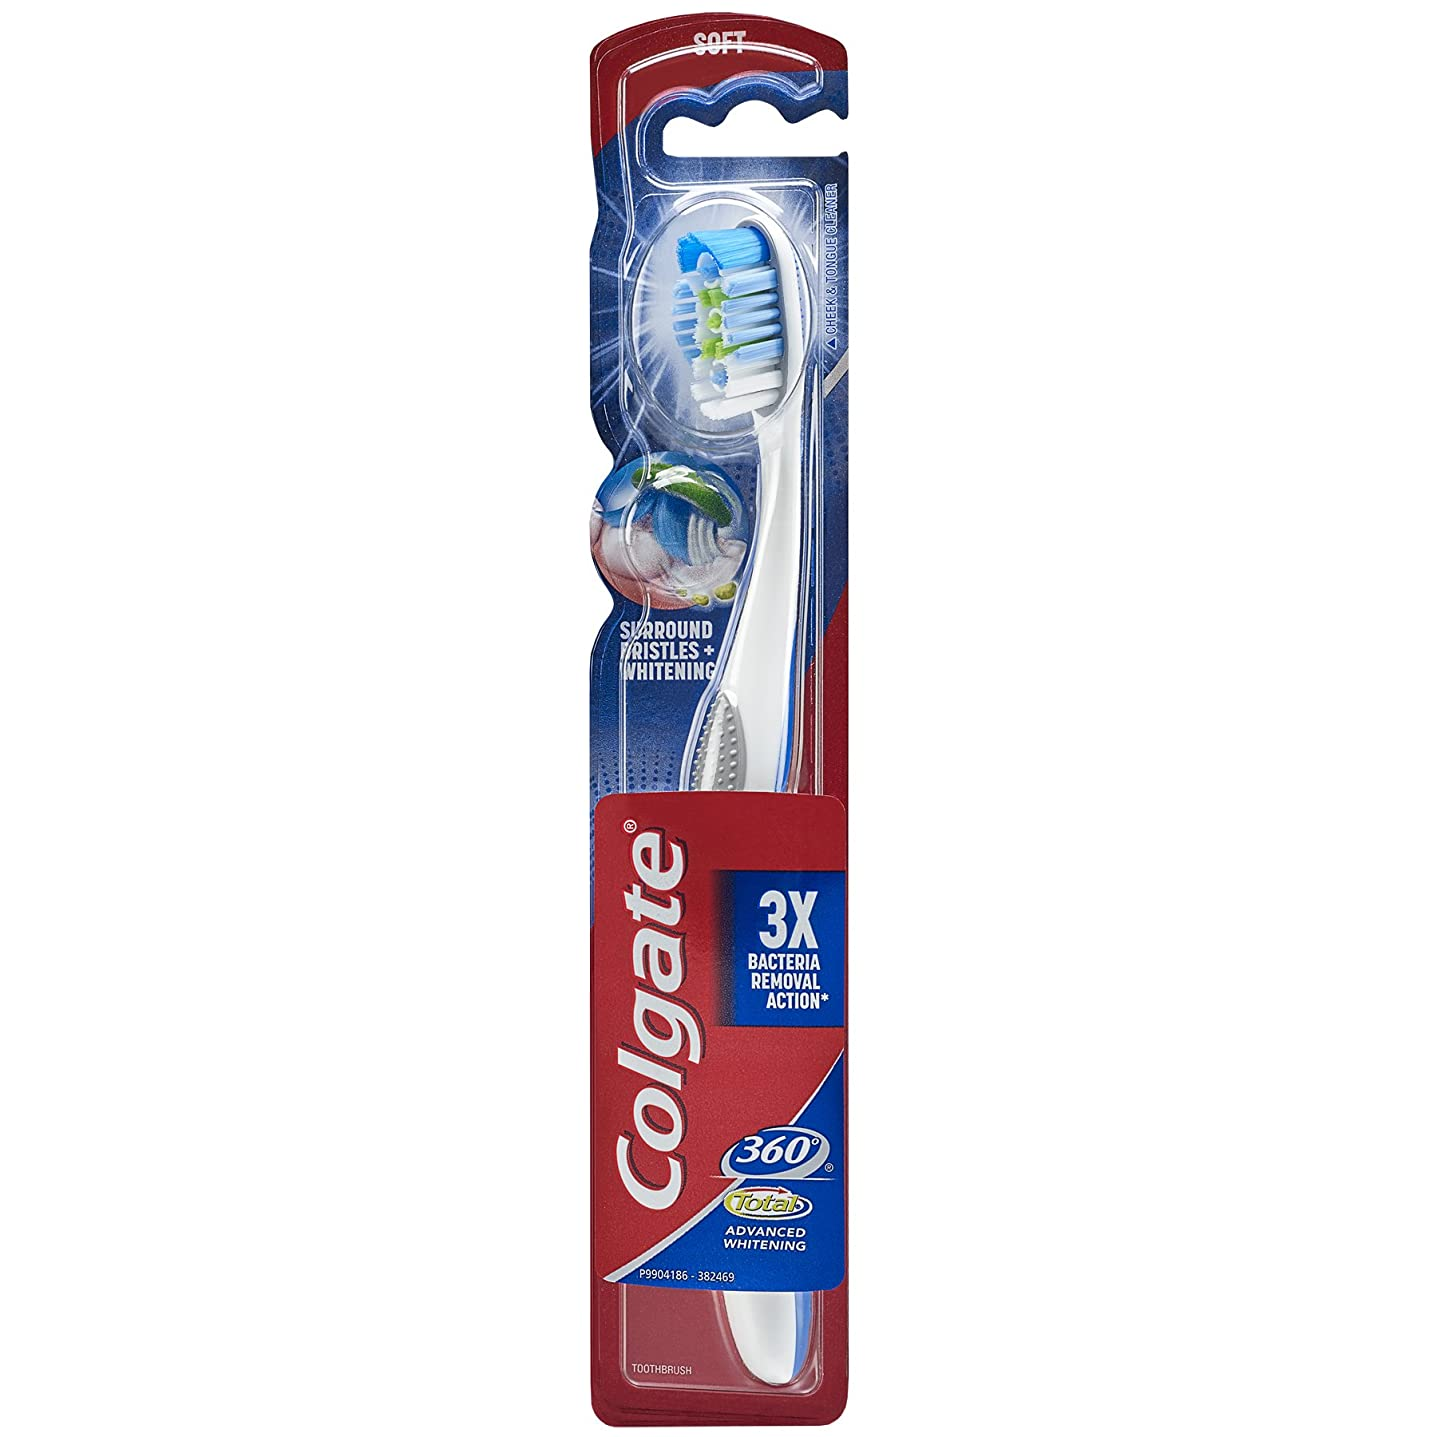 同種の刃収益Colgate 360合計アドバンスト完全な頭部歯ブラシ、ソフト(1パック) 1パック